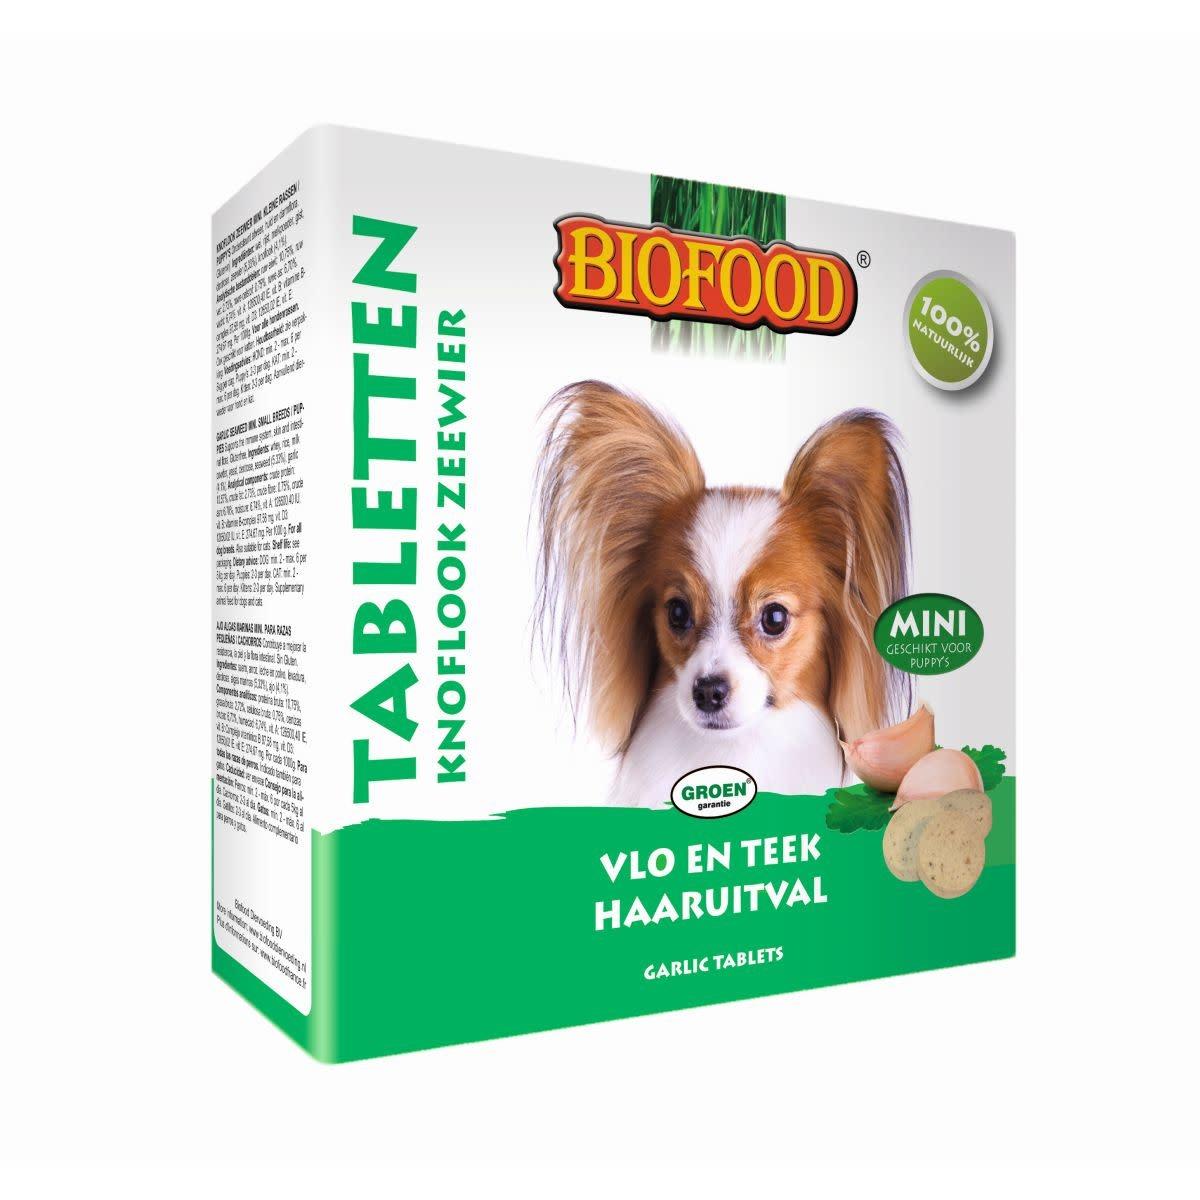 BioFood BIOFOOD - ANTI-VLO TABLETTEN MINI WIT/GROEN 100 ST - 60 GR ZEEWIER